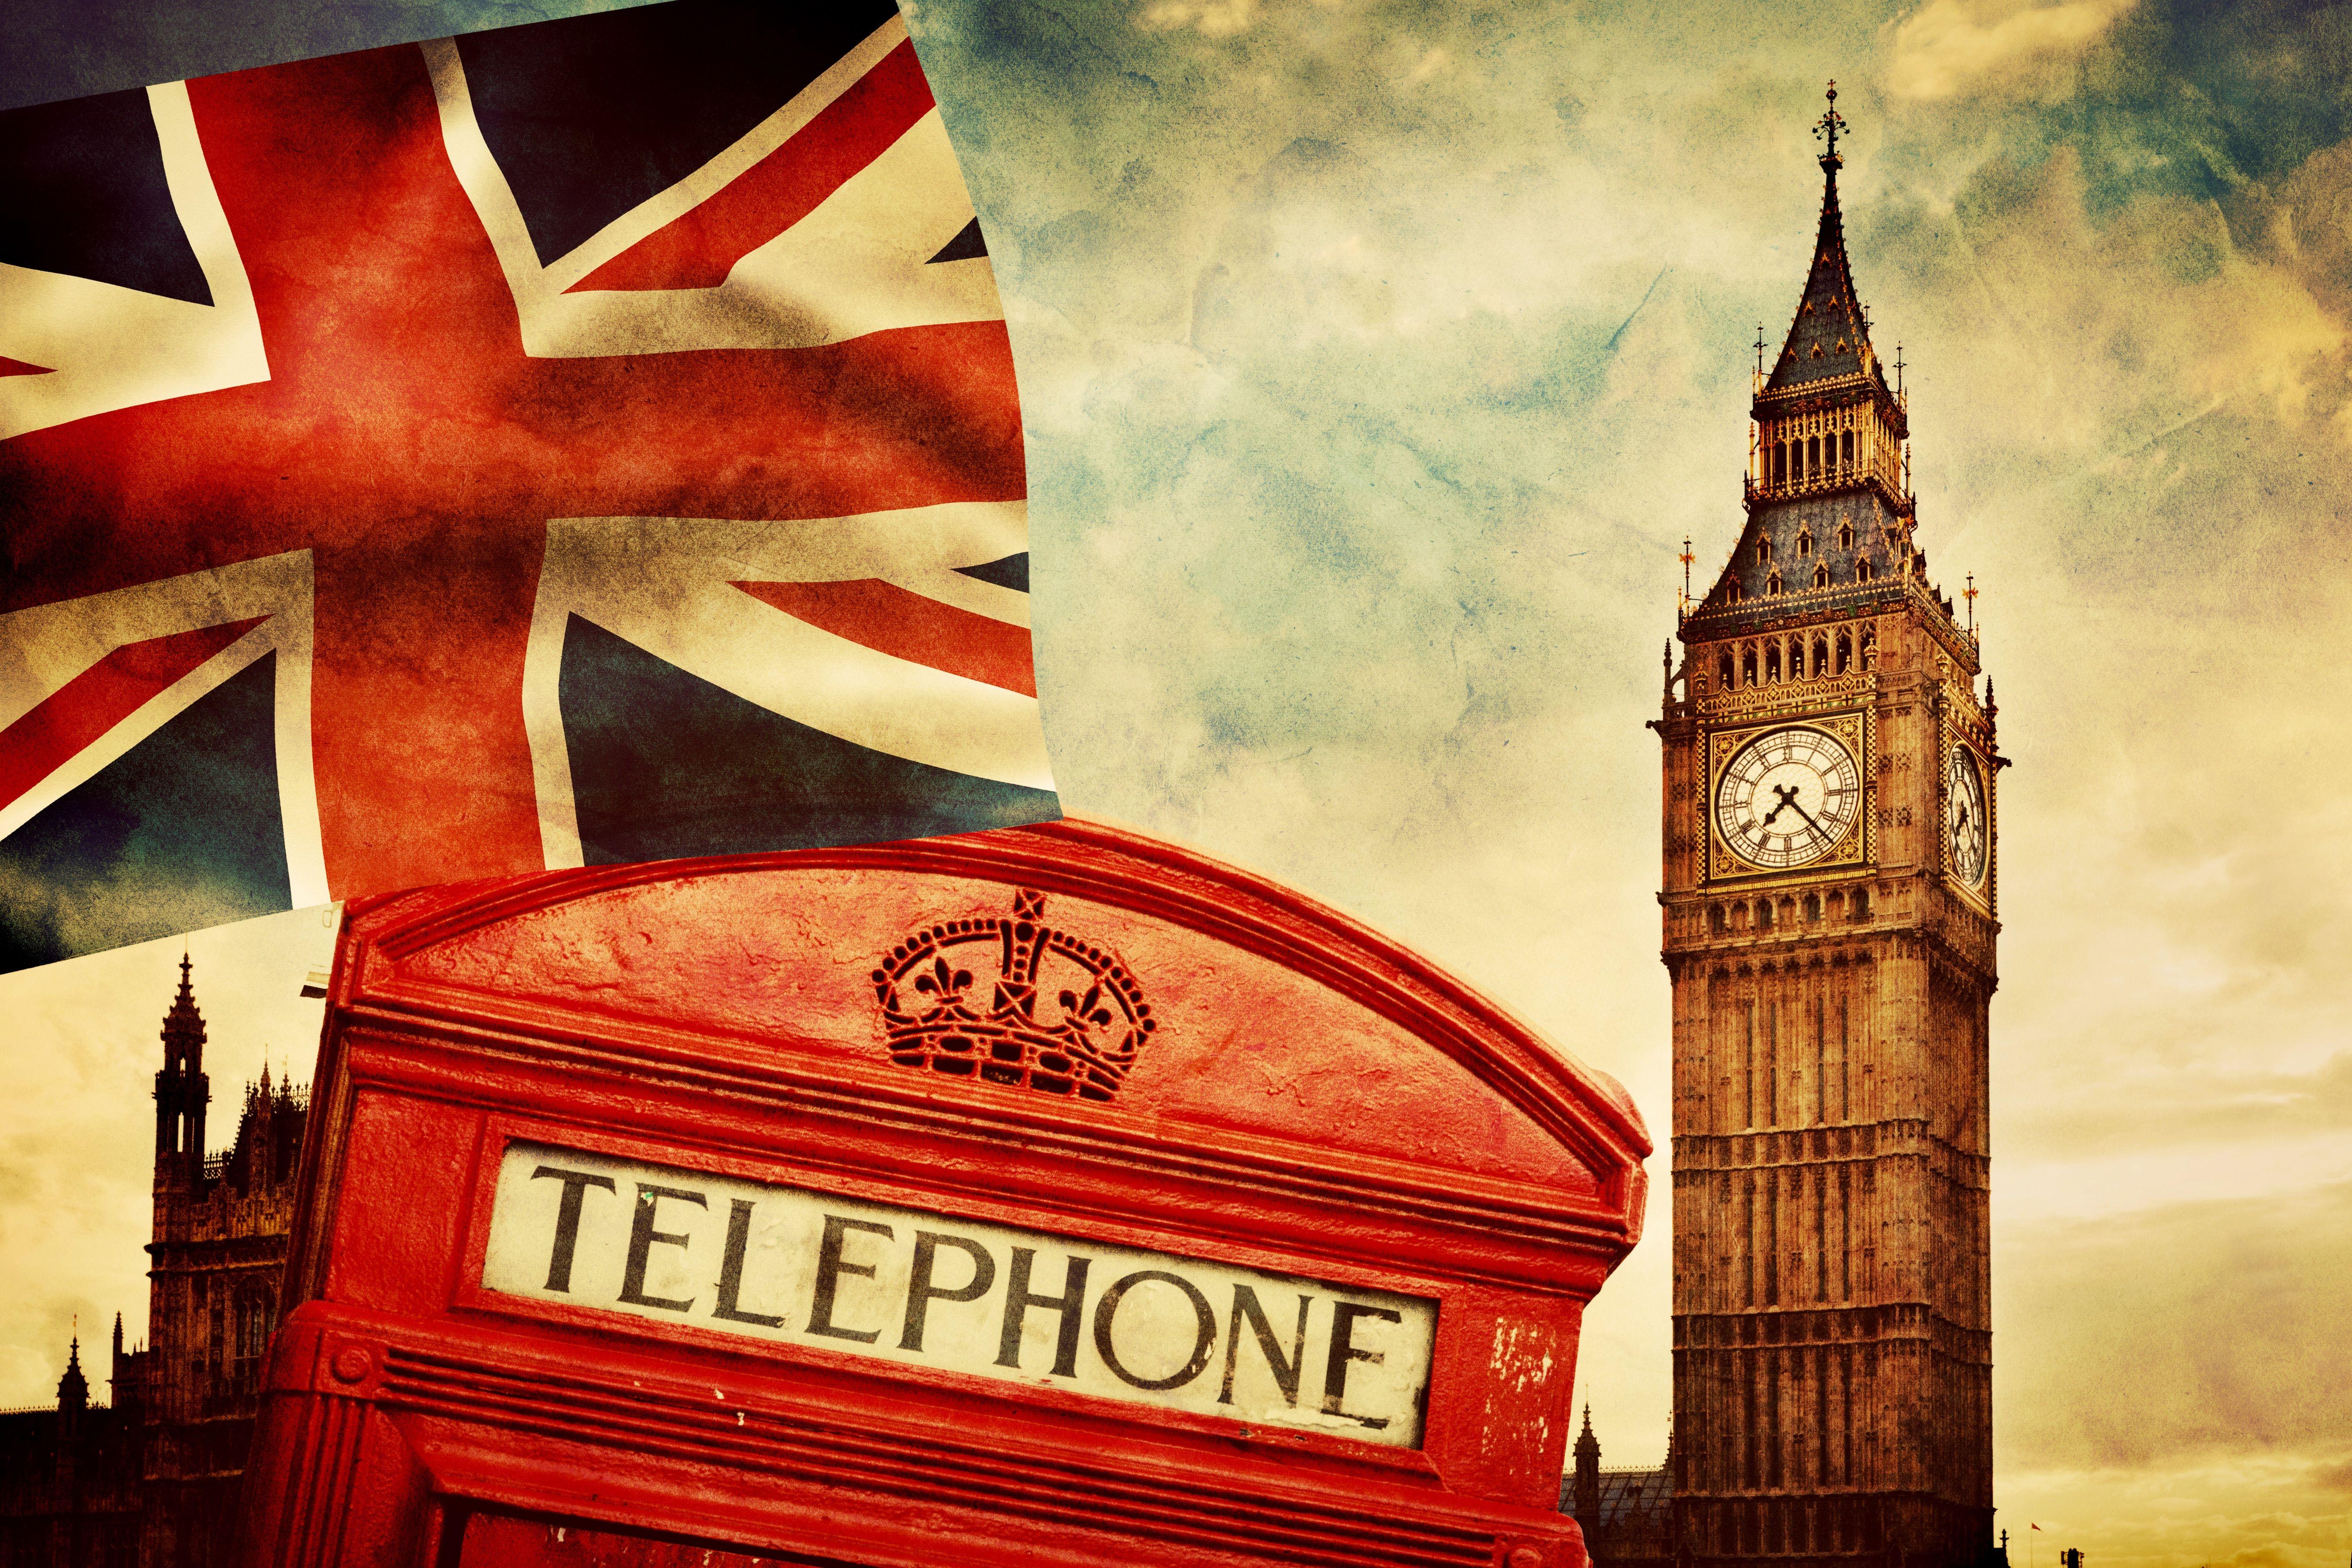 62a7aacf0 Znalezione obrazy dla zapytania i love london tumblr   podroze ...